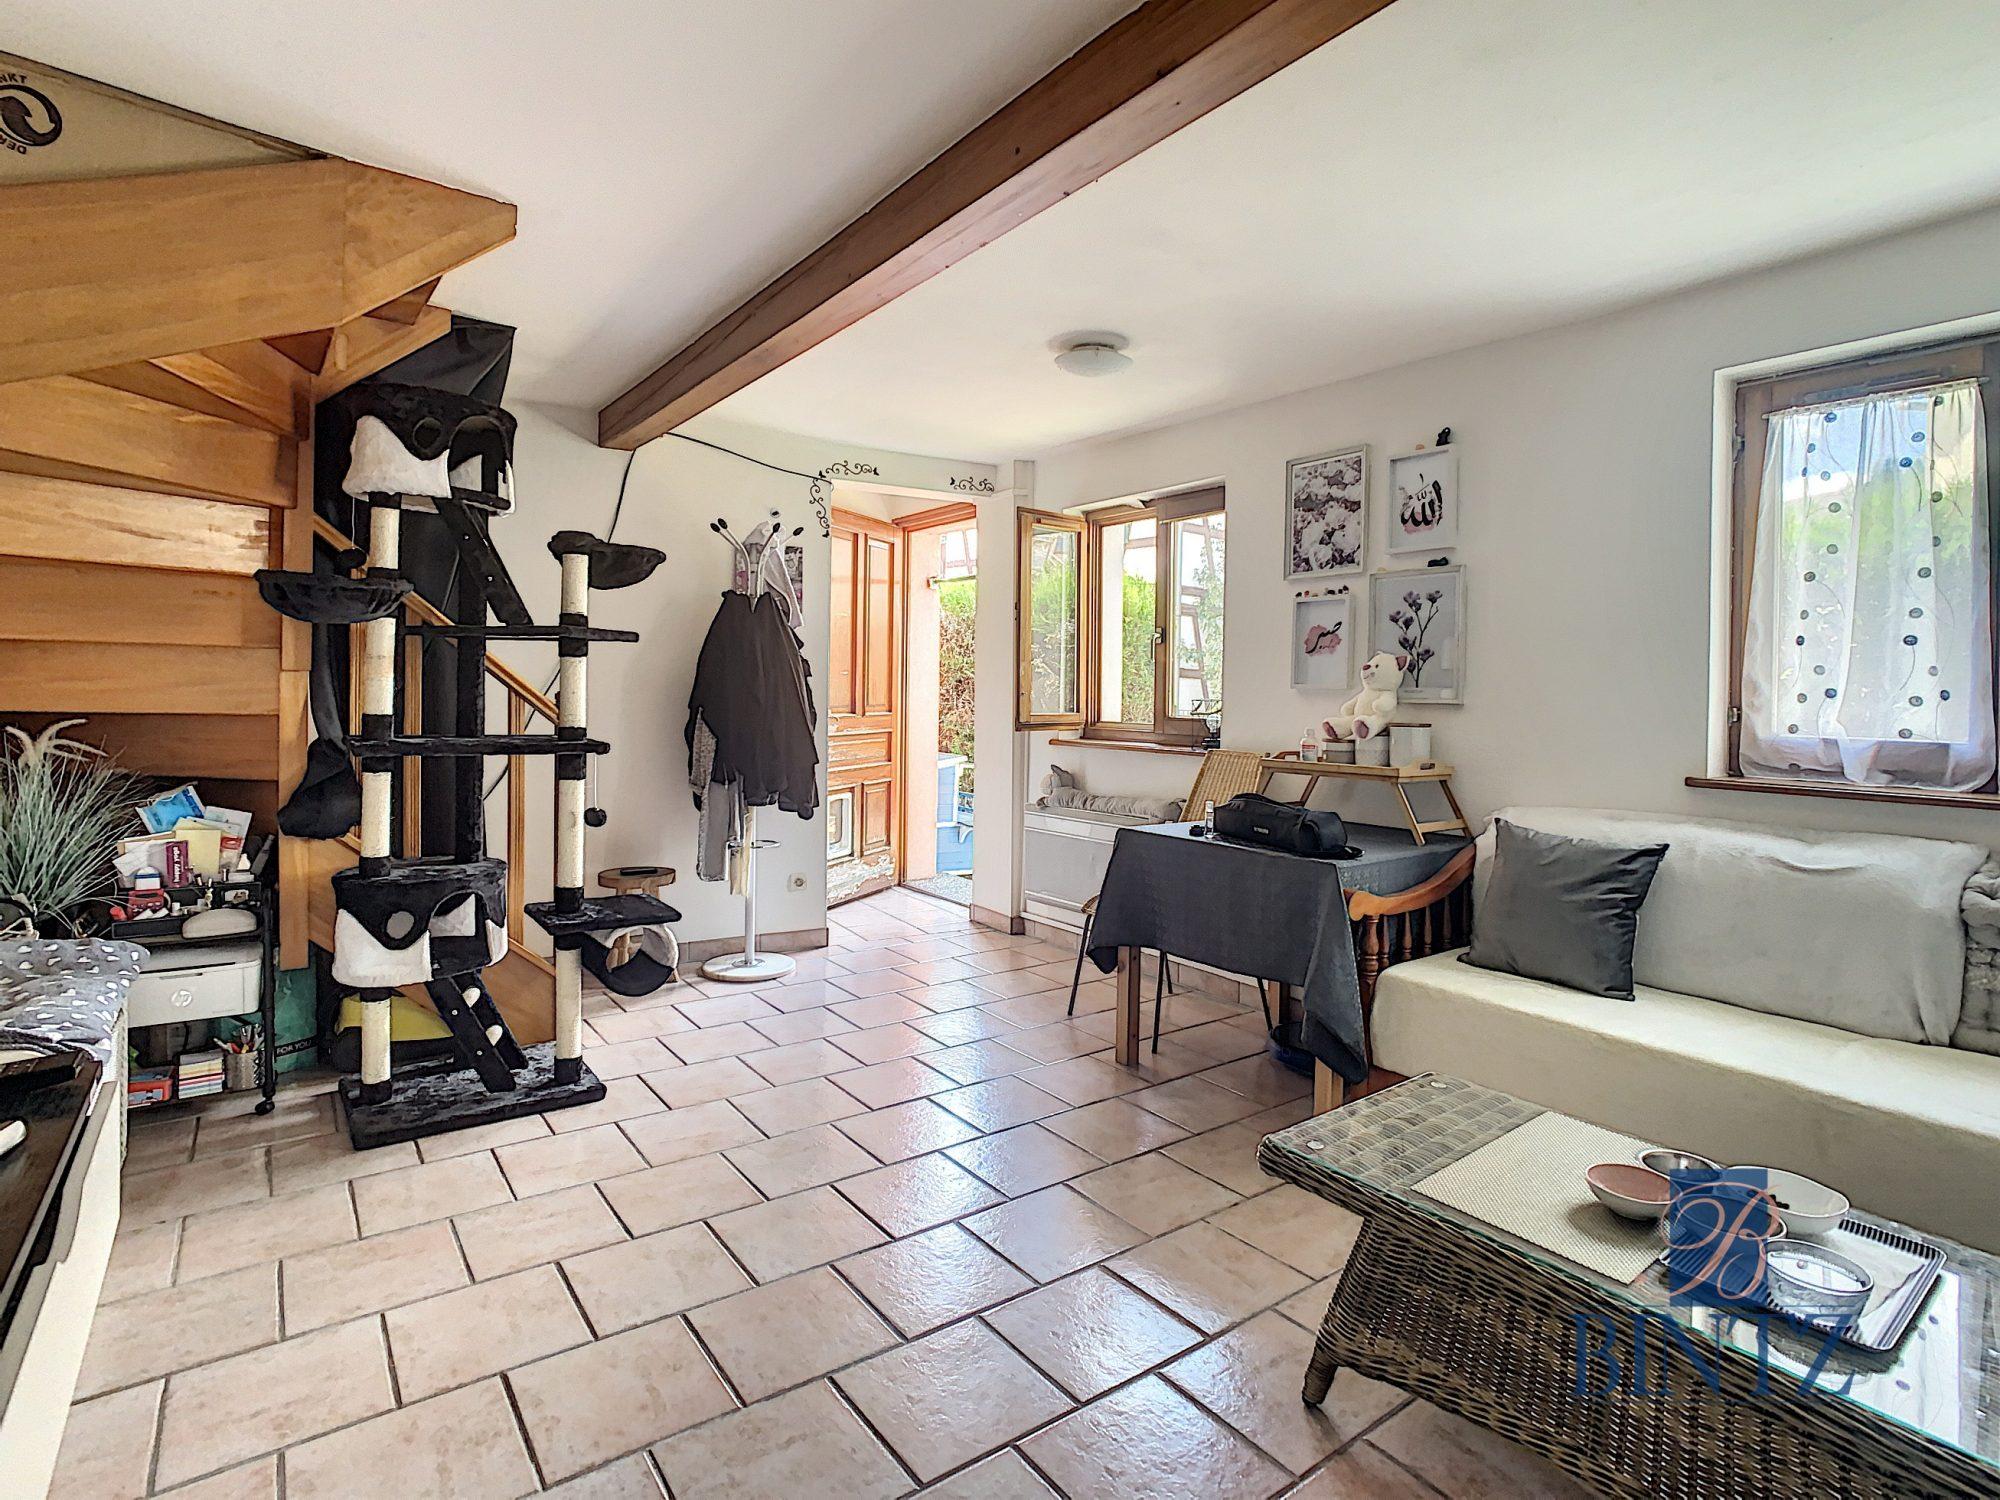 Pour investisseur : maison 2 pièces louée, avec garage fermé - Devenez propriétaire en toute confiance - Bintz Immobilier - 4